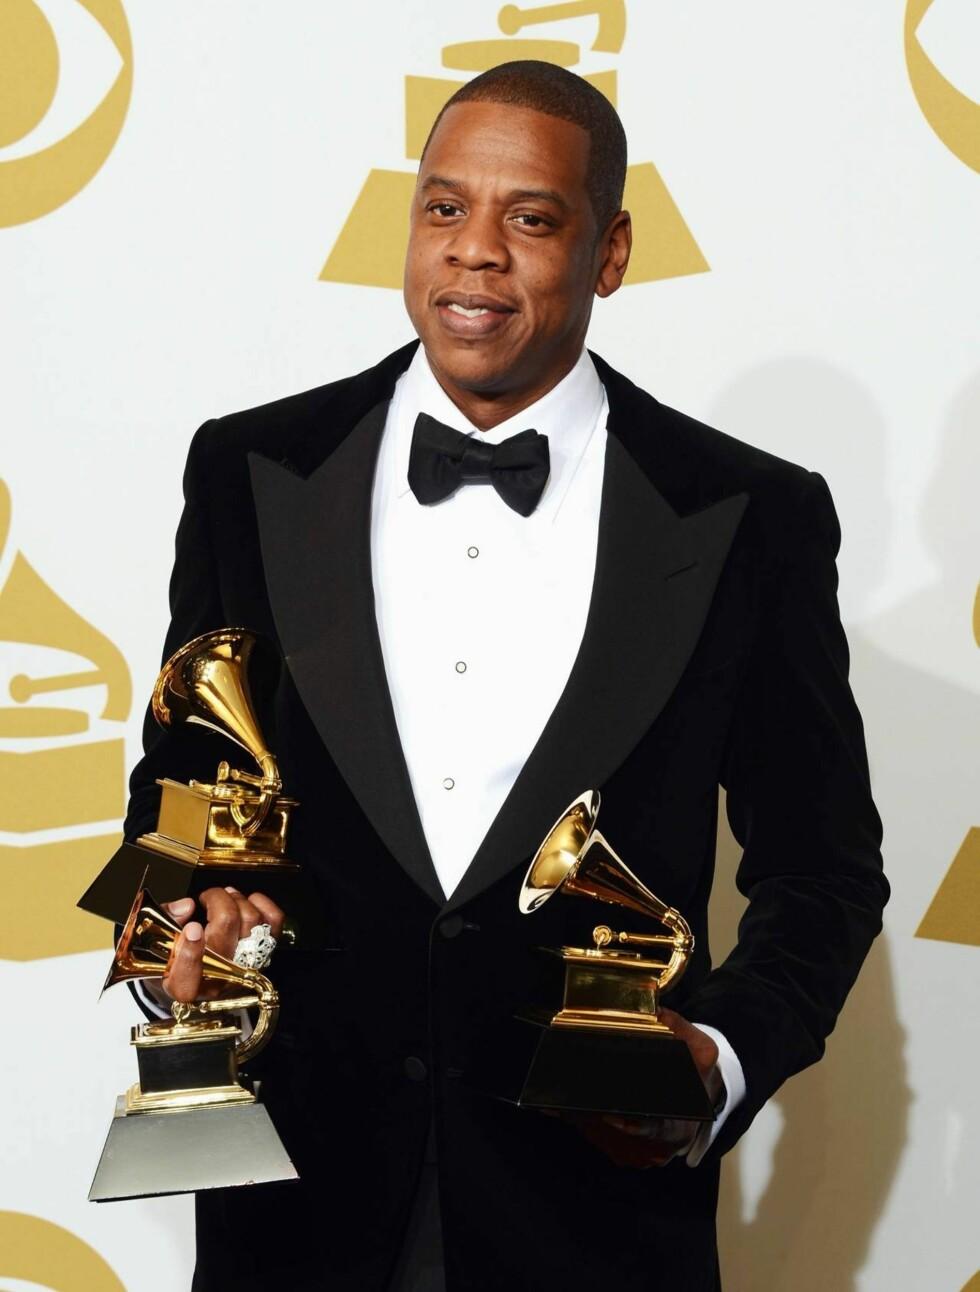 PRISER: Jay-Z og Kanye West innkasserte hele tre priser under søndagens Grammy-utdeling - men hip hop-kongen måtte hente prisene alene, ettersom Kanye var i Rio. Foto: All Over Press